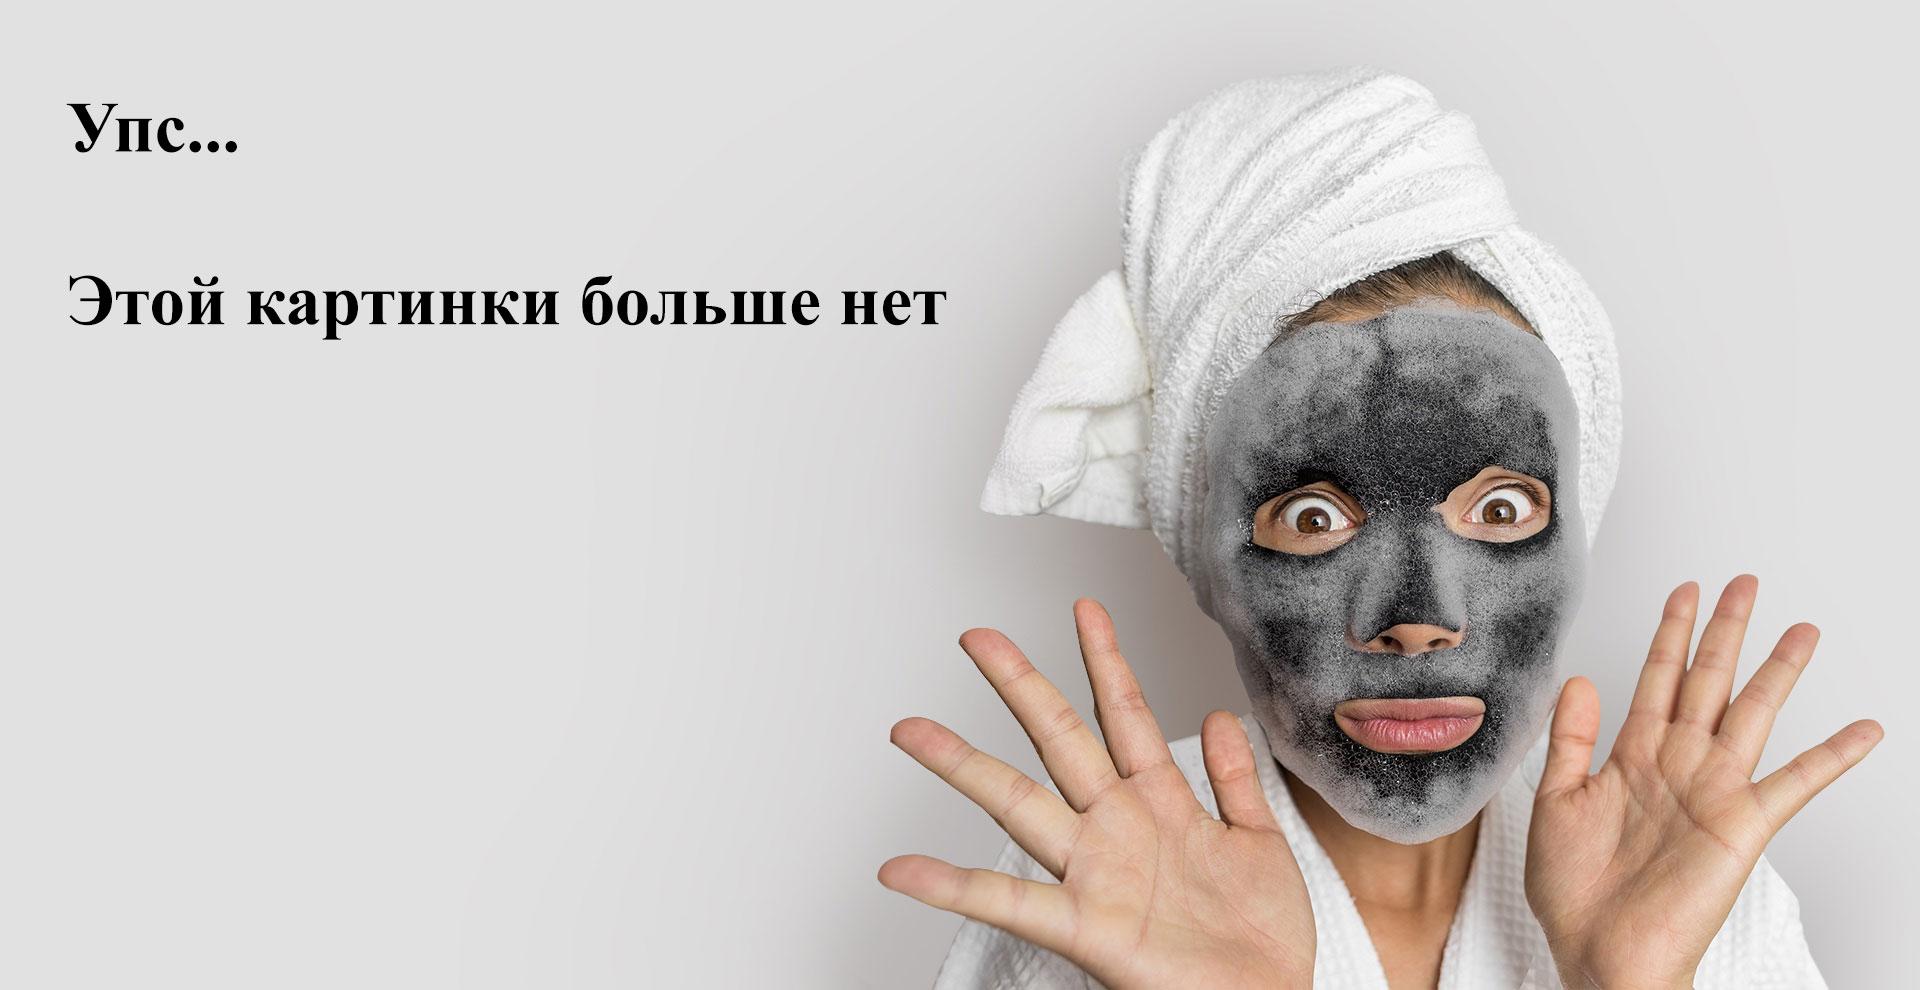 Bioaqua, Гидрогелевая маска с коллагеном для губ, 8 г